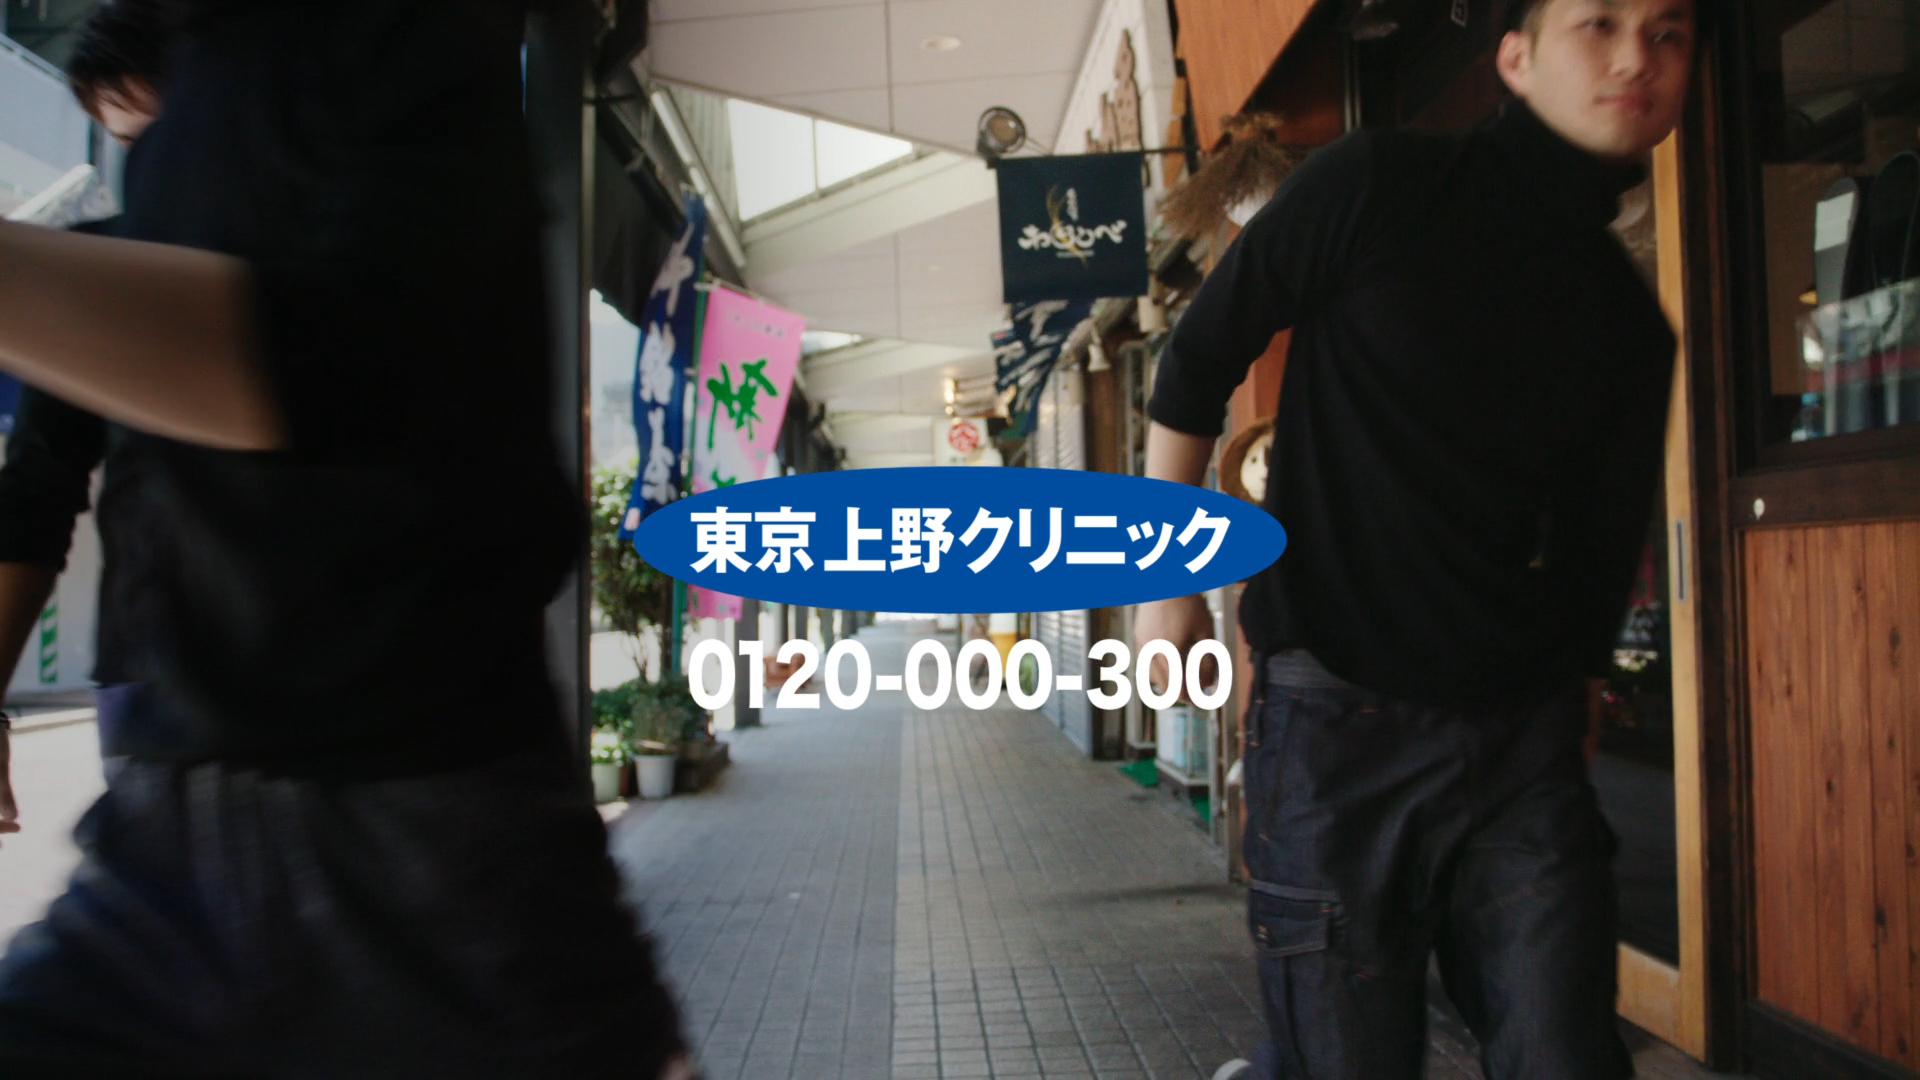 意味不明 東京上野クリニック cm